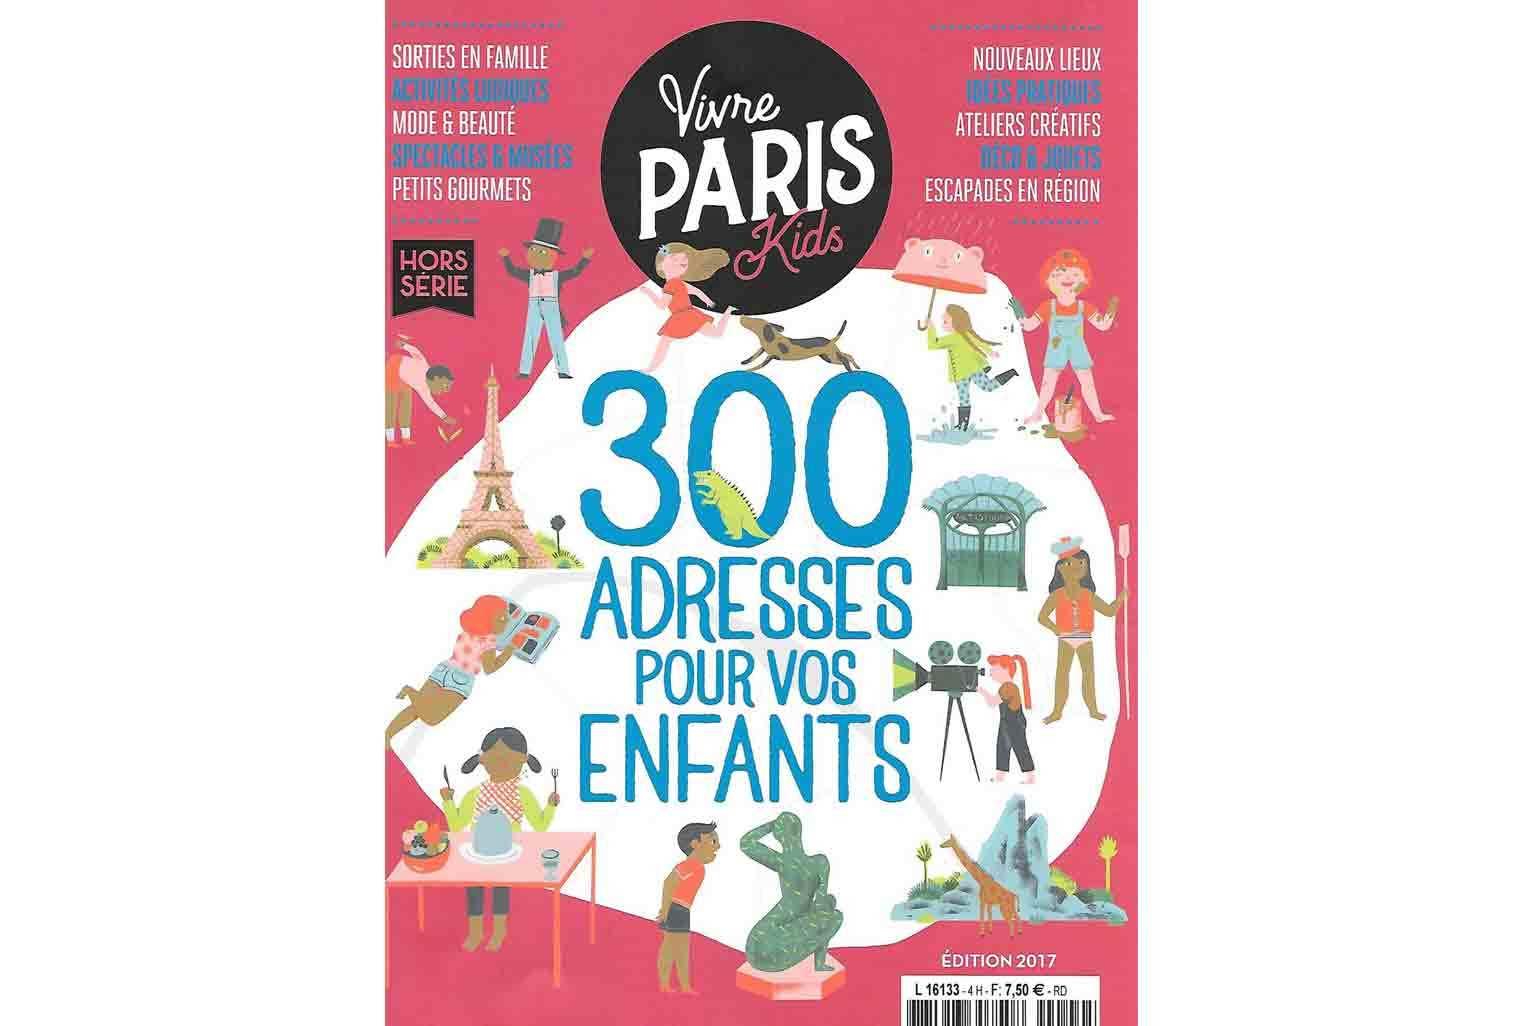 présentation de Little Cabari dans Vivre Paris